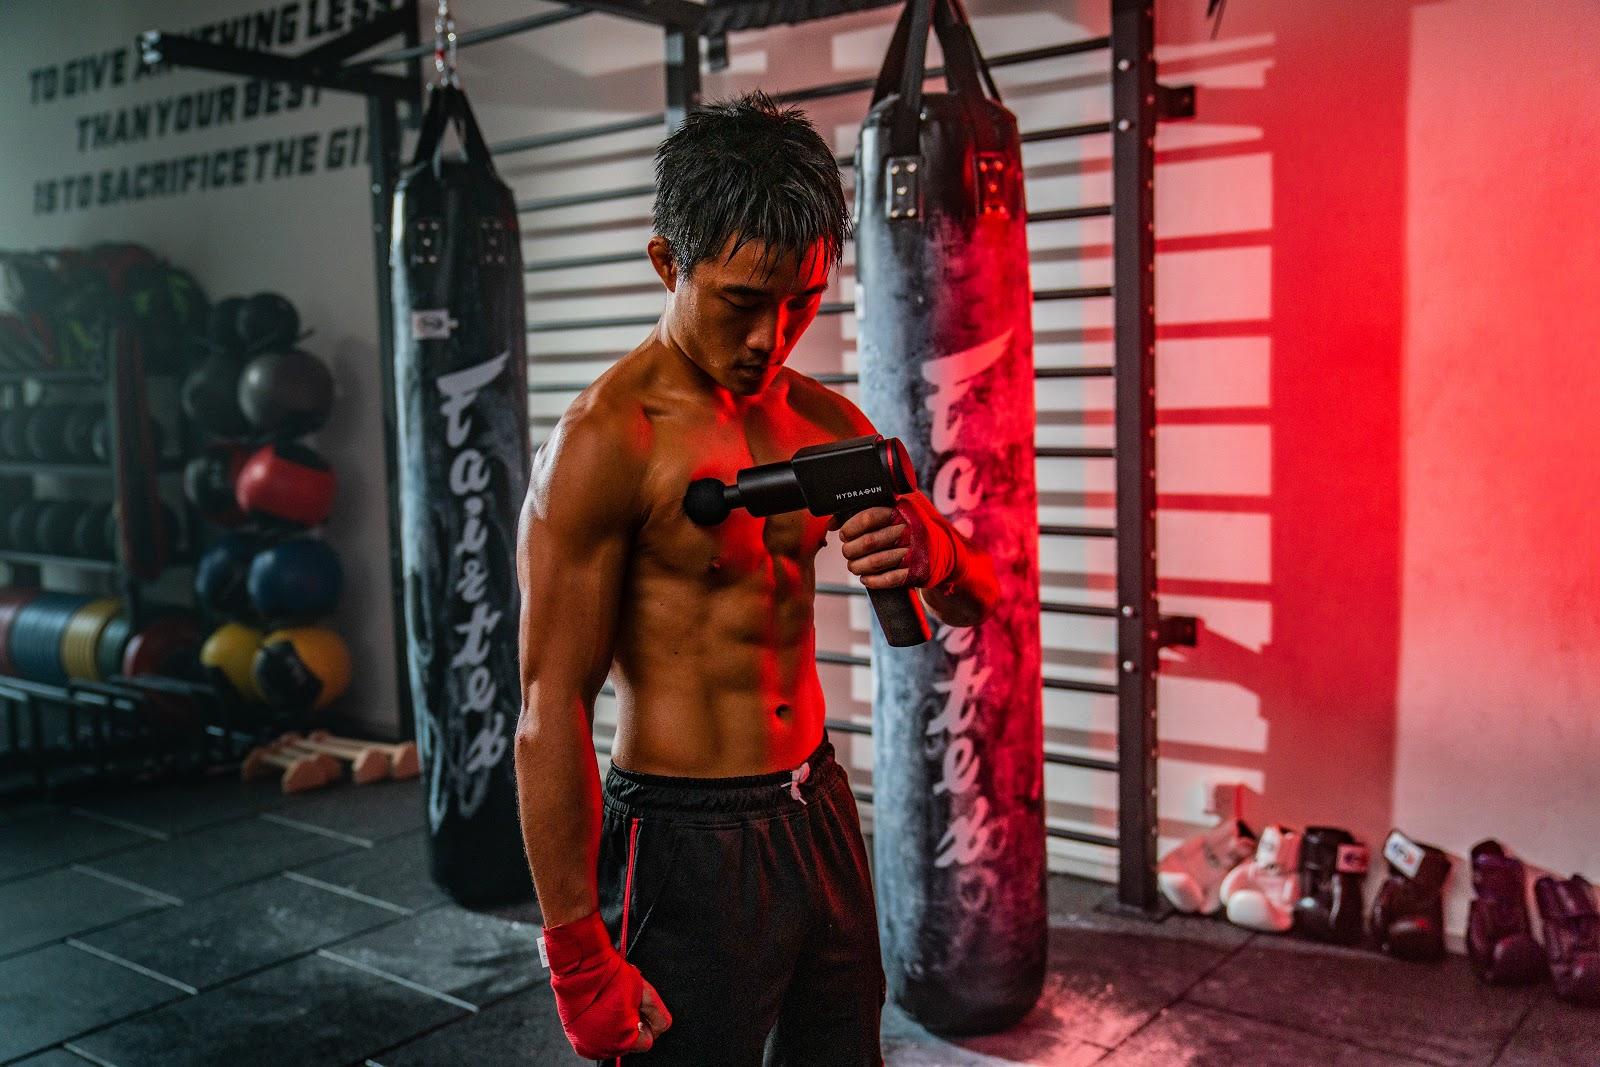 MMA fighter using HYDRAGUN massage gun in the gym